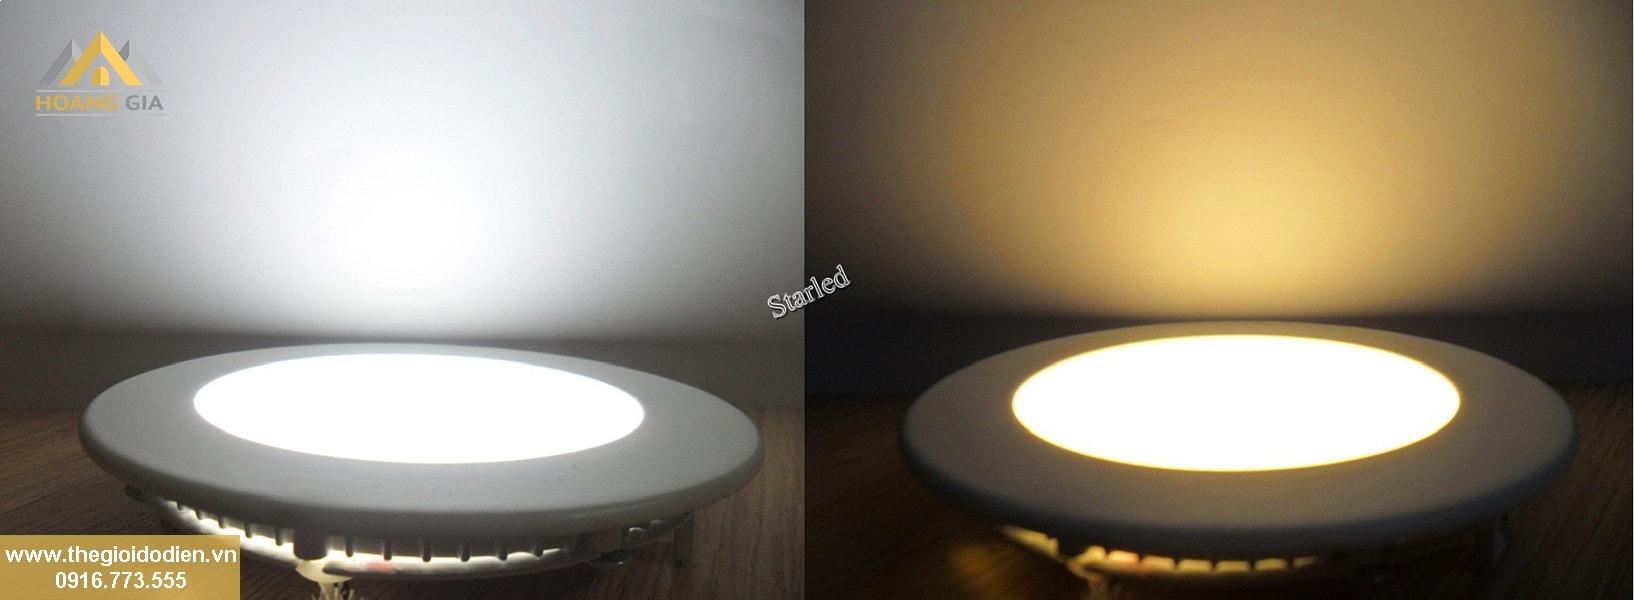 Cách lựa chọn đèn led âm trần ba màu chất lượng tại Hà Nội